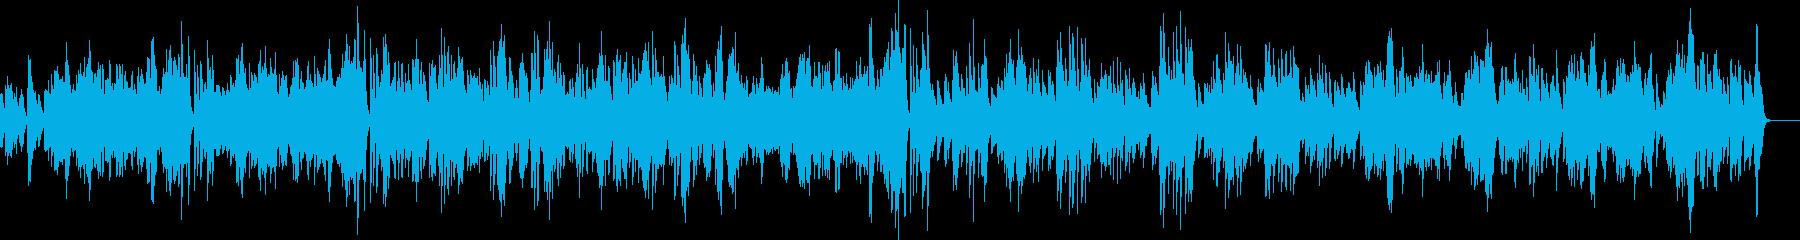 スコット・ジョプリン:ソラースの再生済みの波形